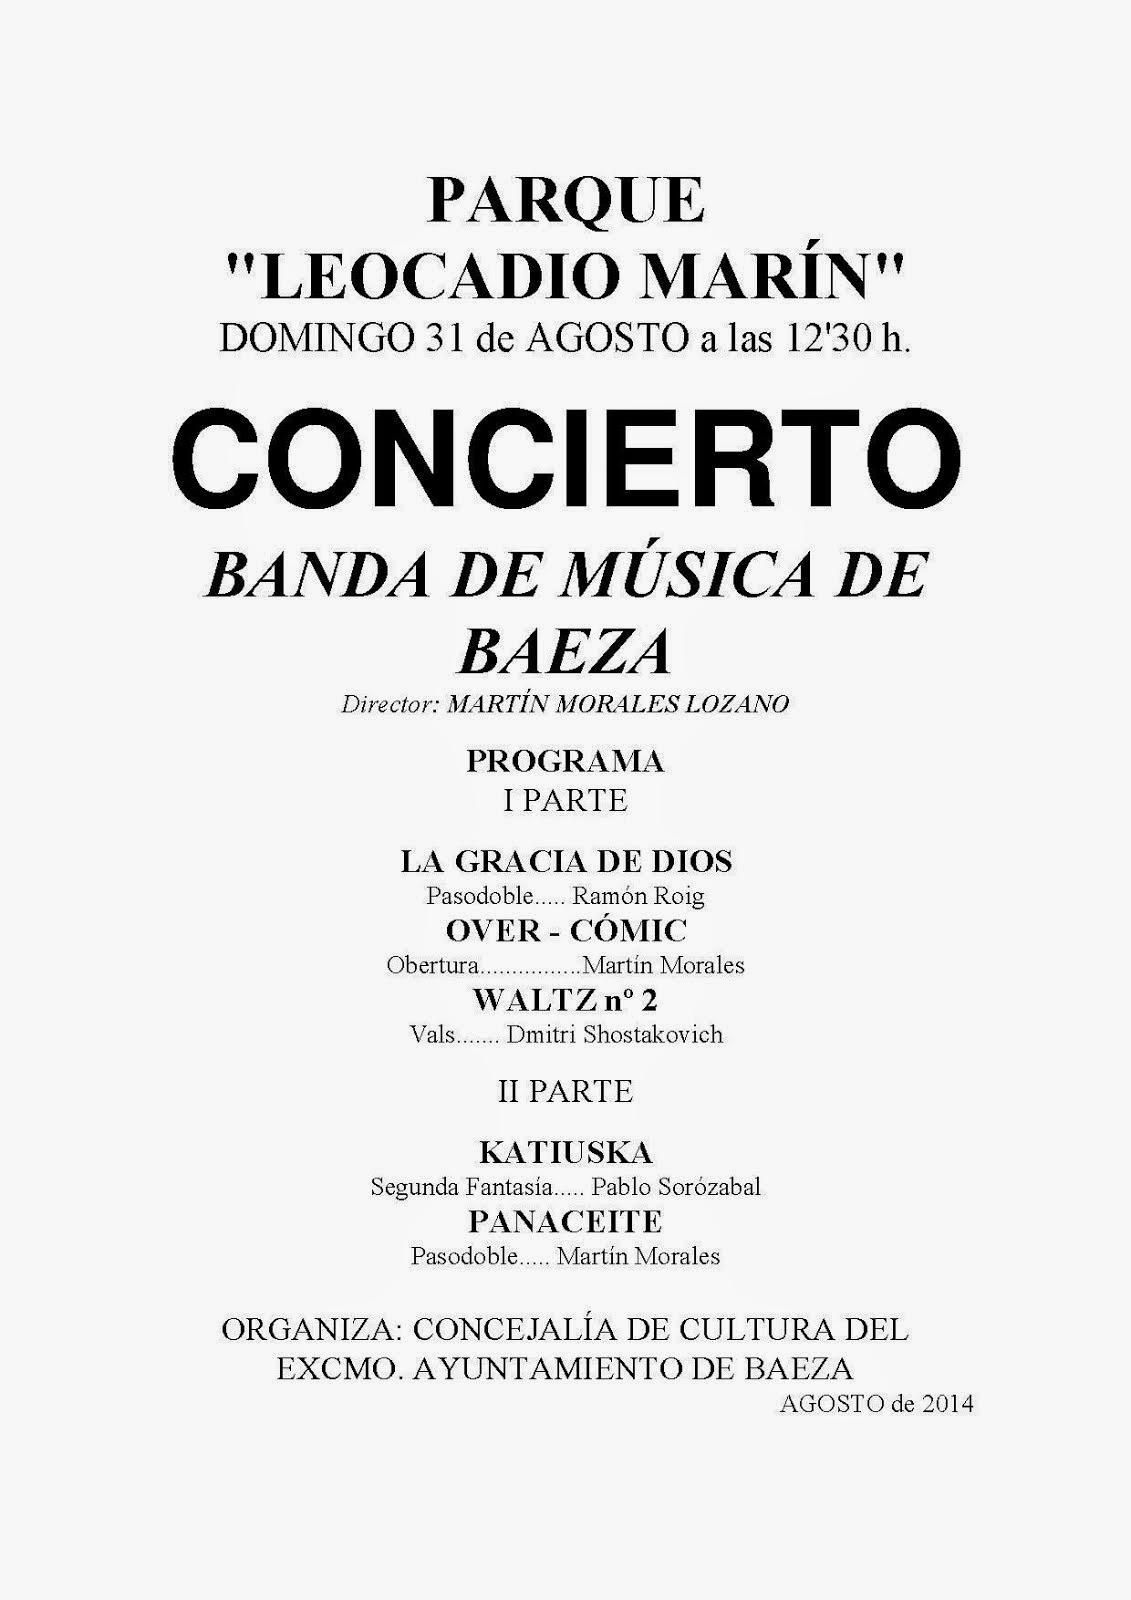 CONCIERTO DOMINGO 31 DE AGOSTO 2014 - BANDA DE MÚSICA DE BAEZA